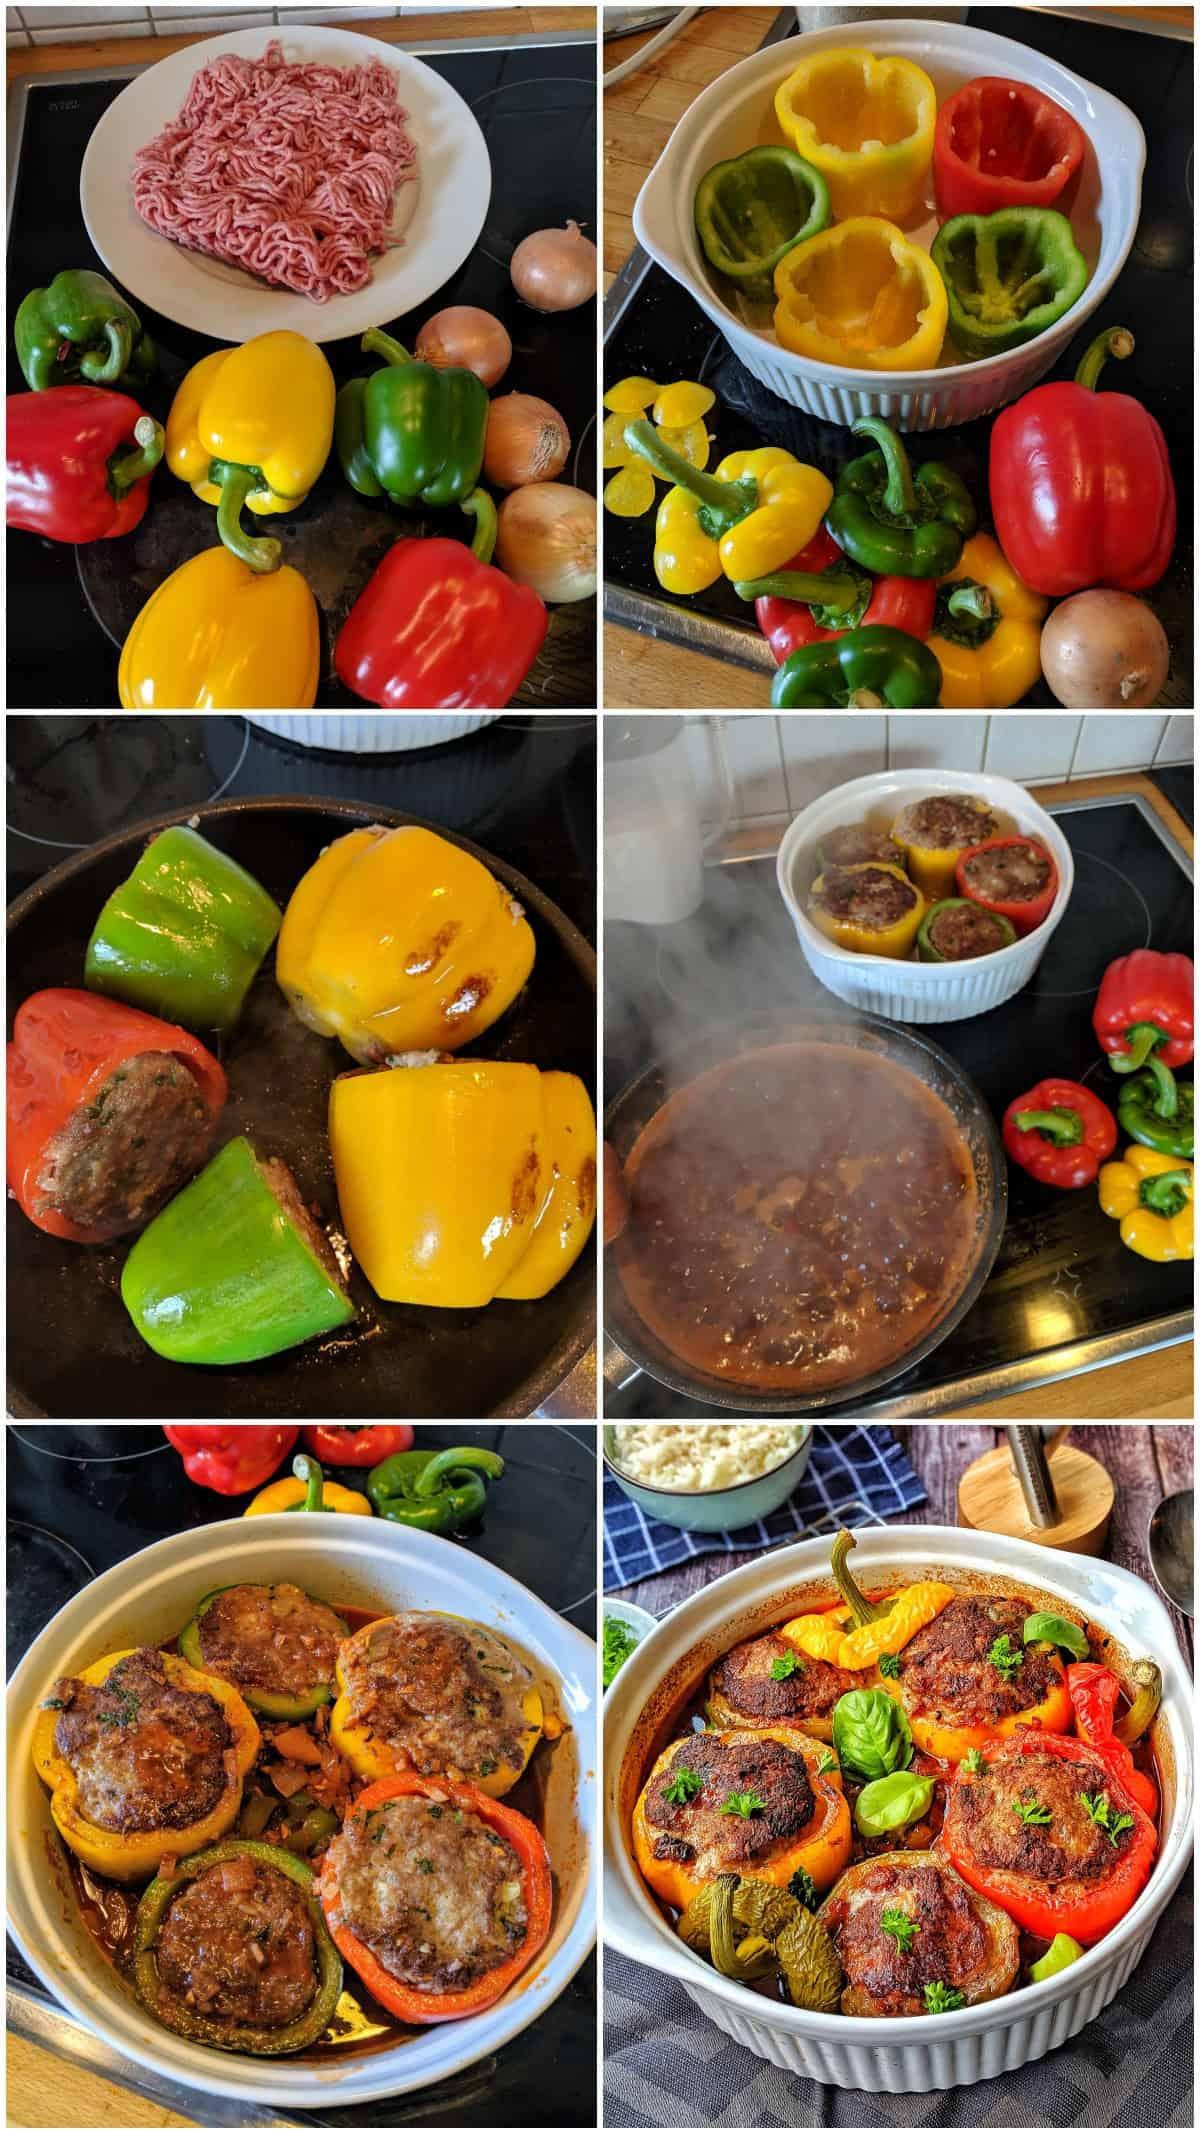 Eine Collage der Zubereitungsschritte von gefüllten Paprika mir Reis.